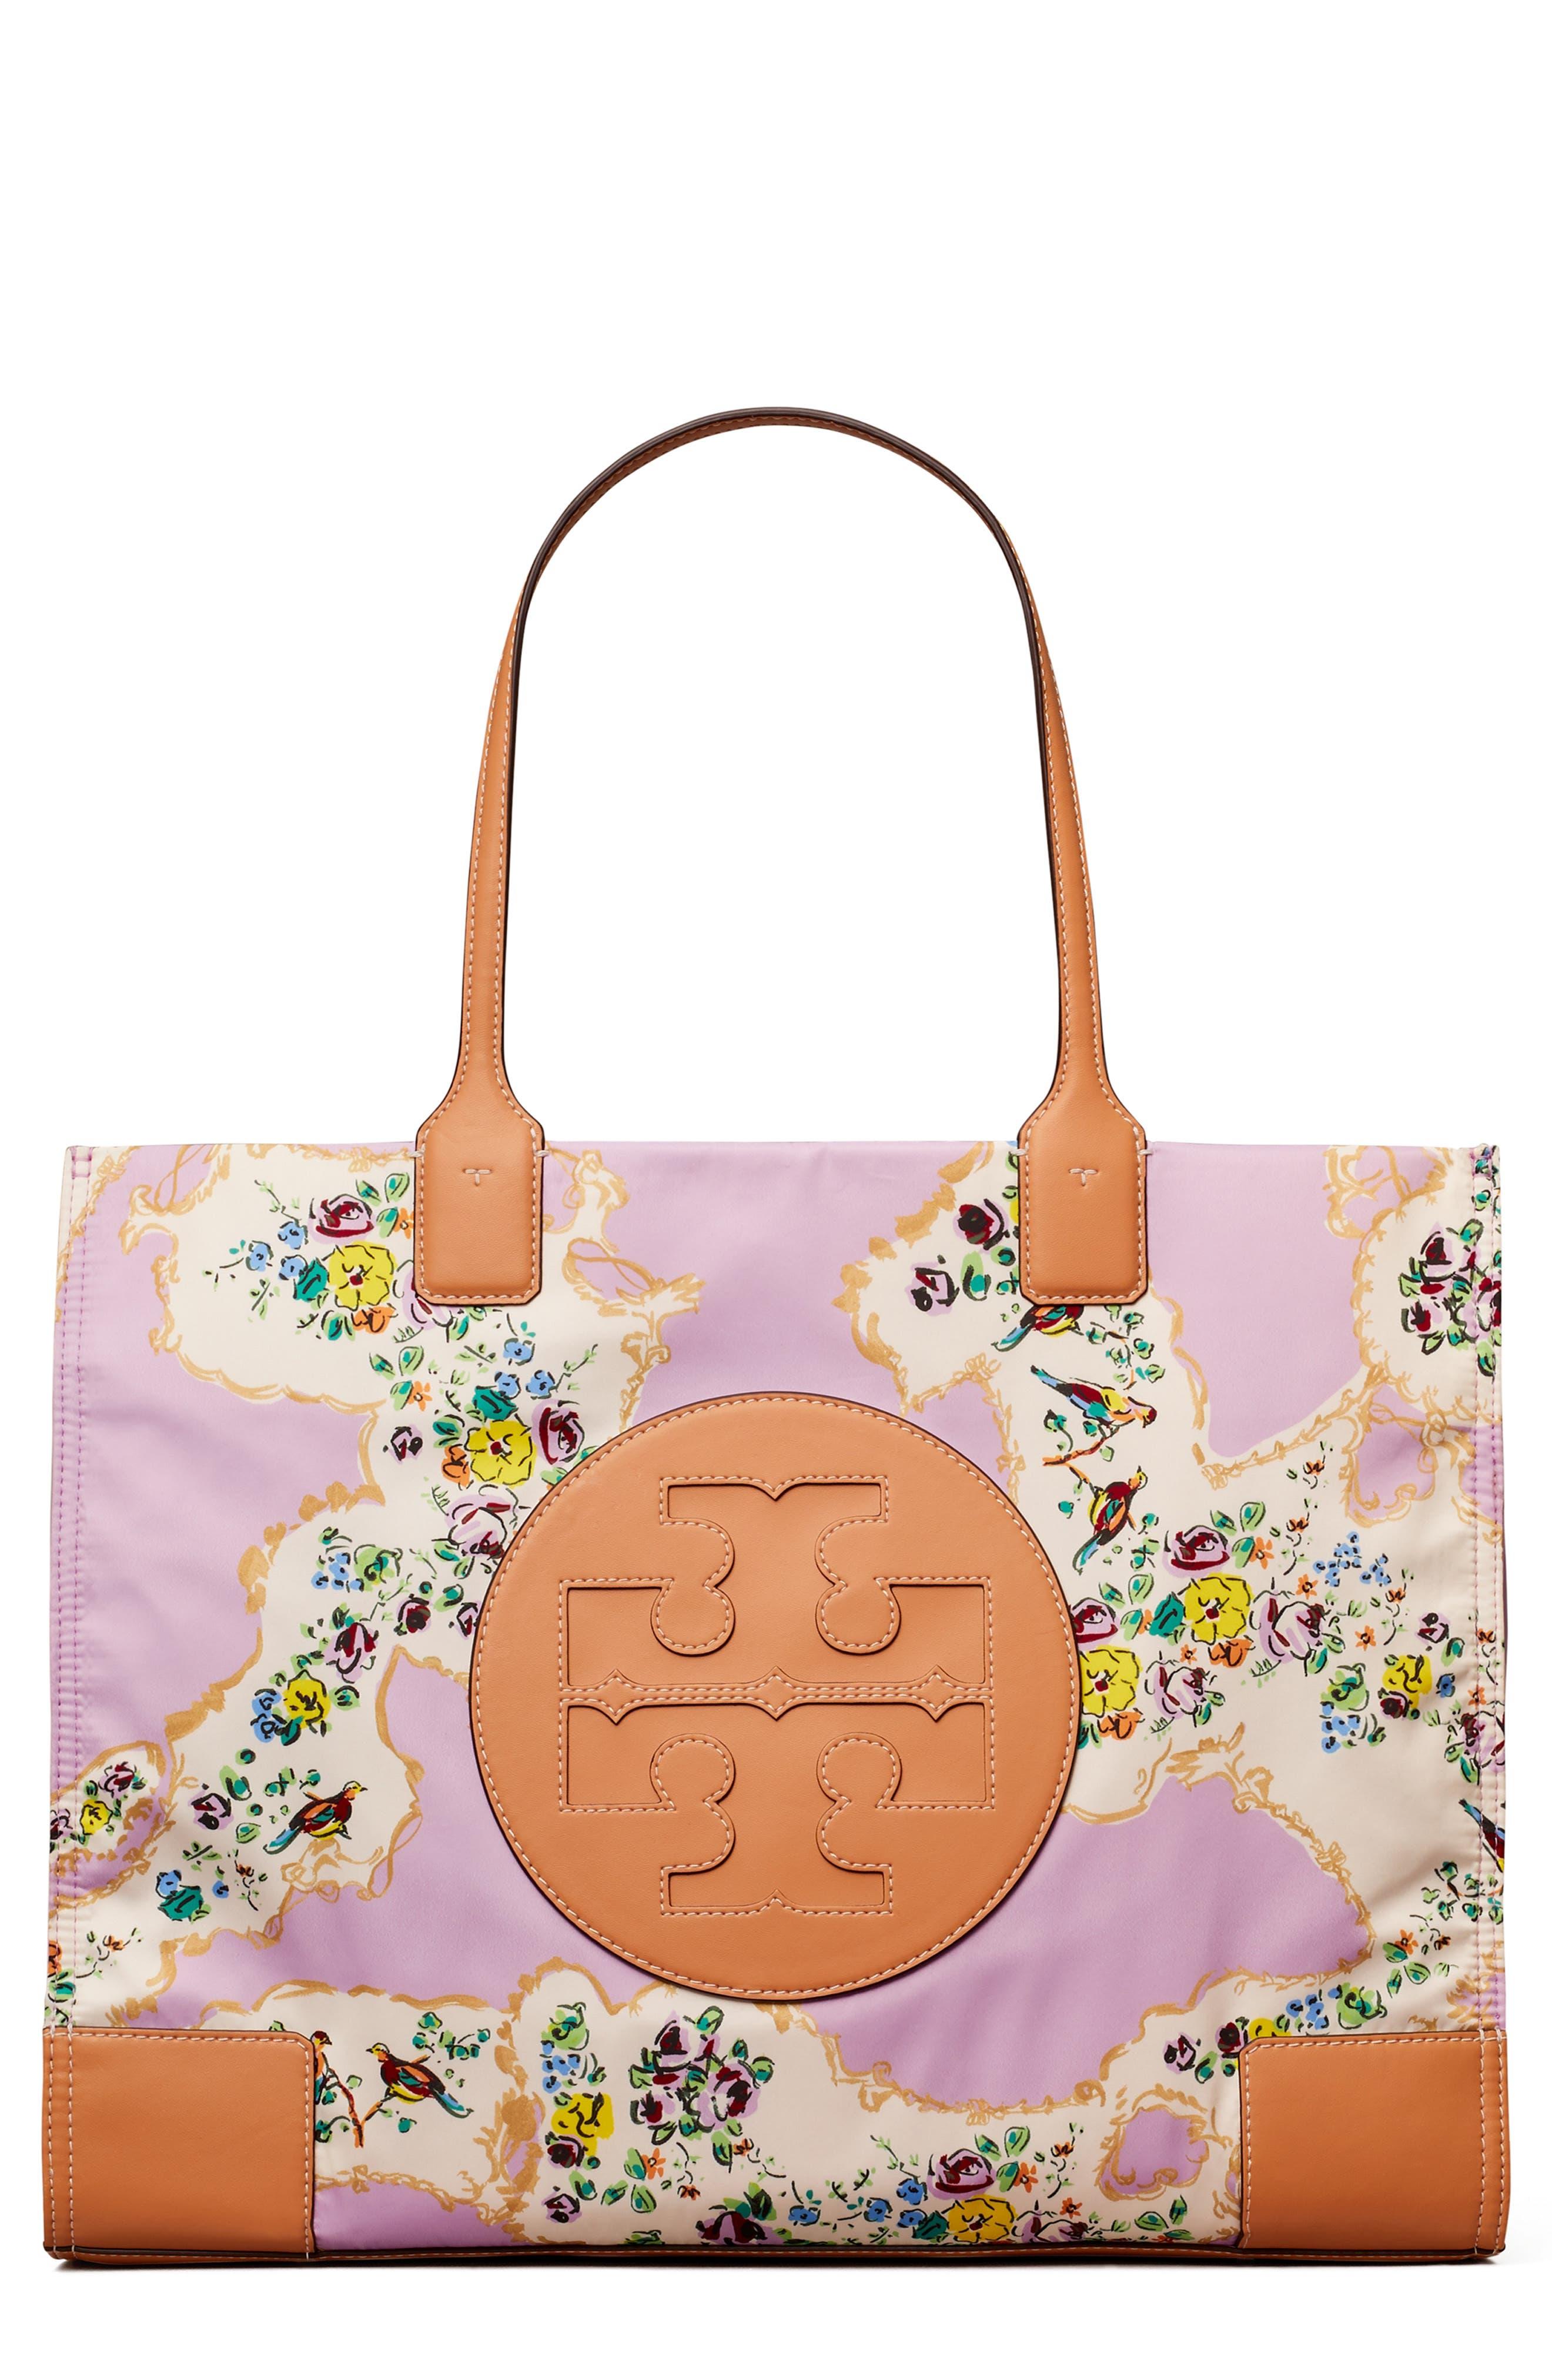 Fashion Womens Ladies Floral Print Nylon Tote Handbag Shopper Bag Summer Beach B